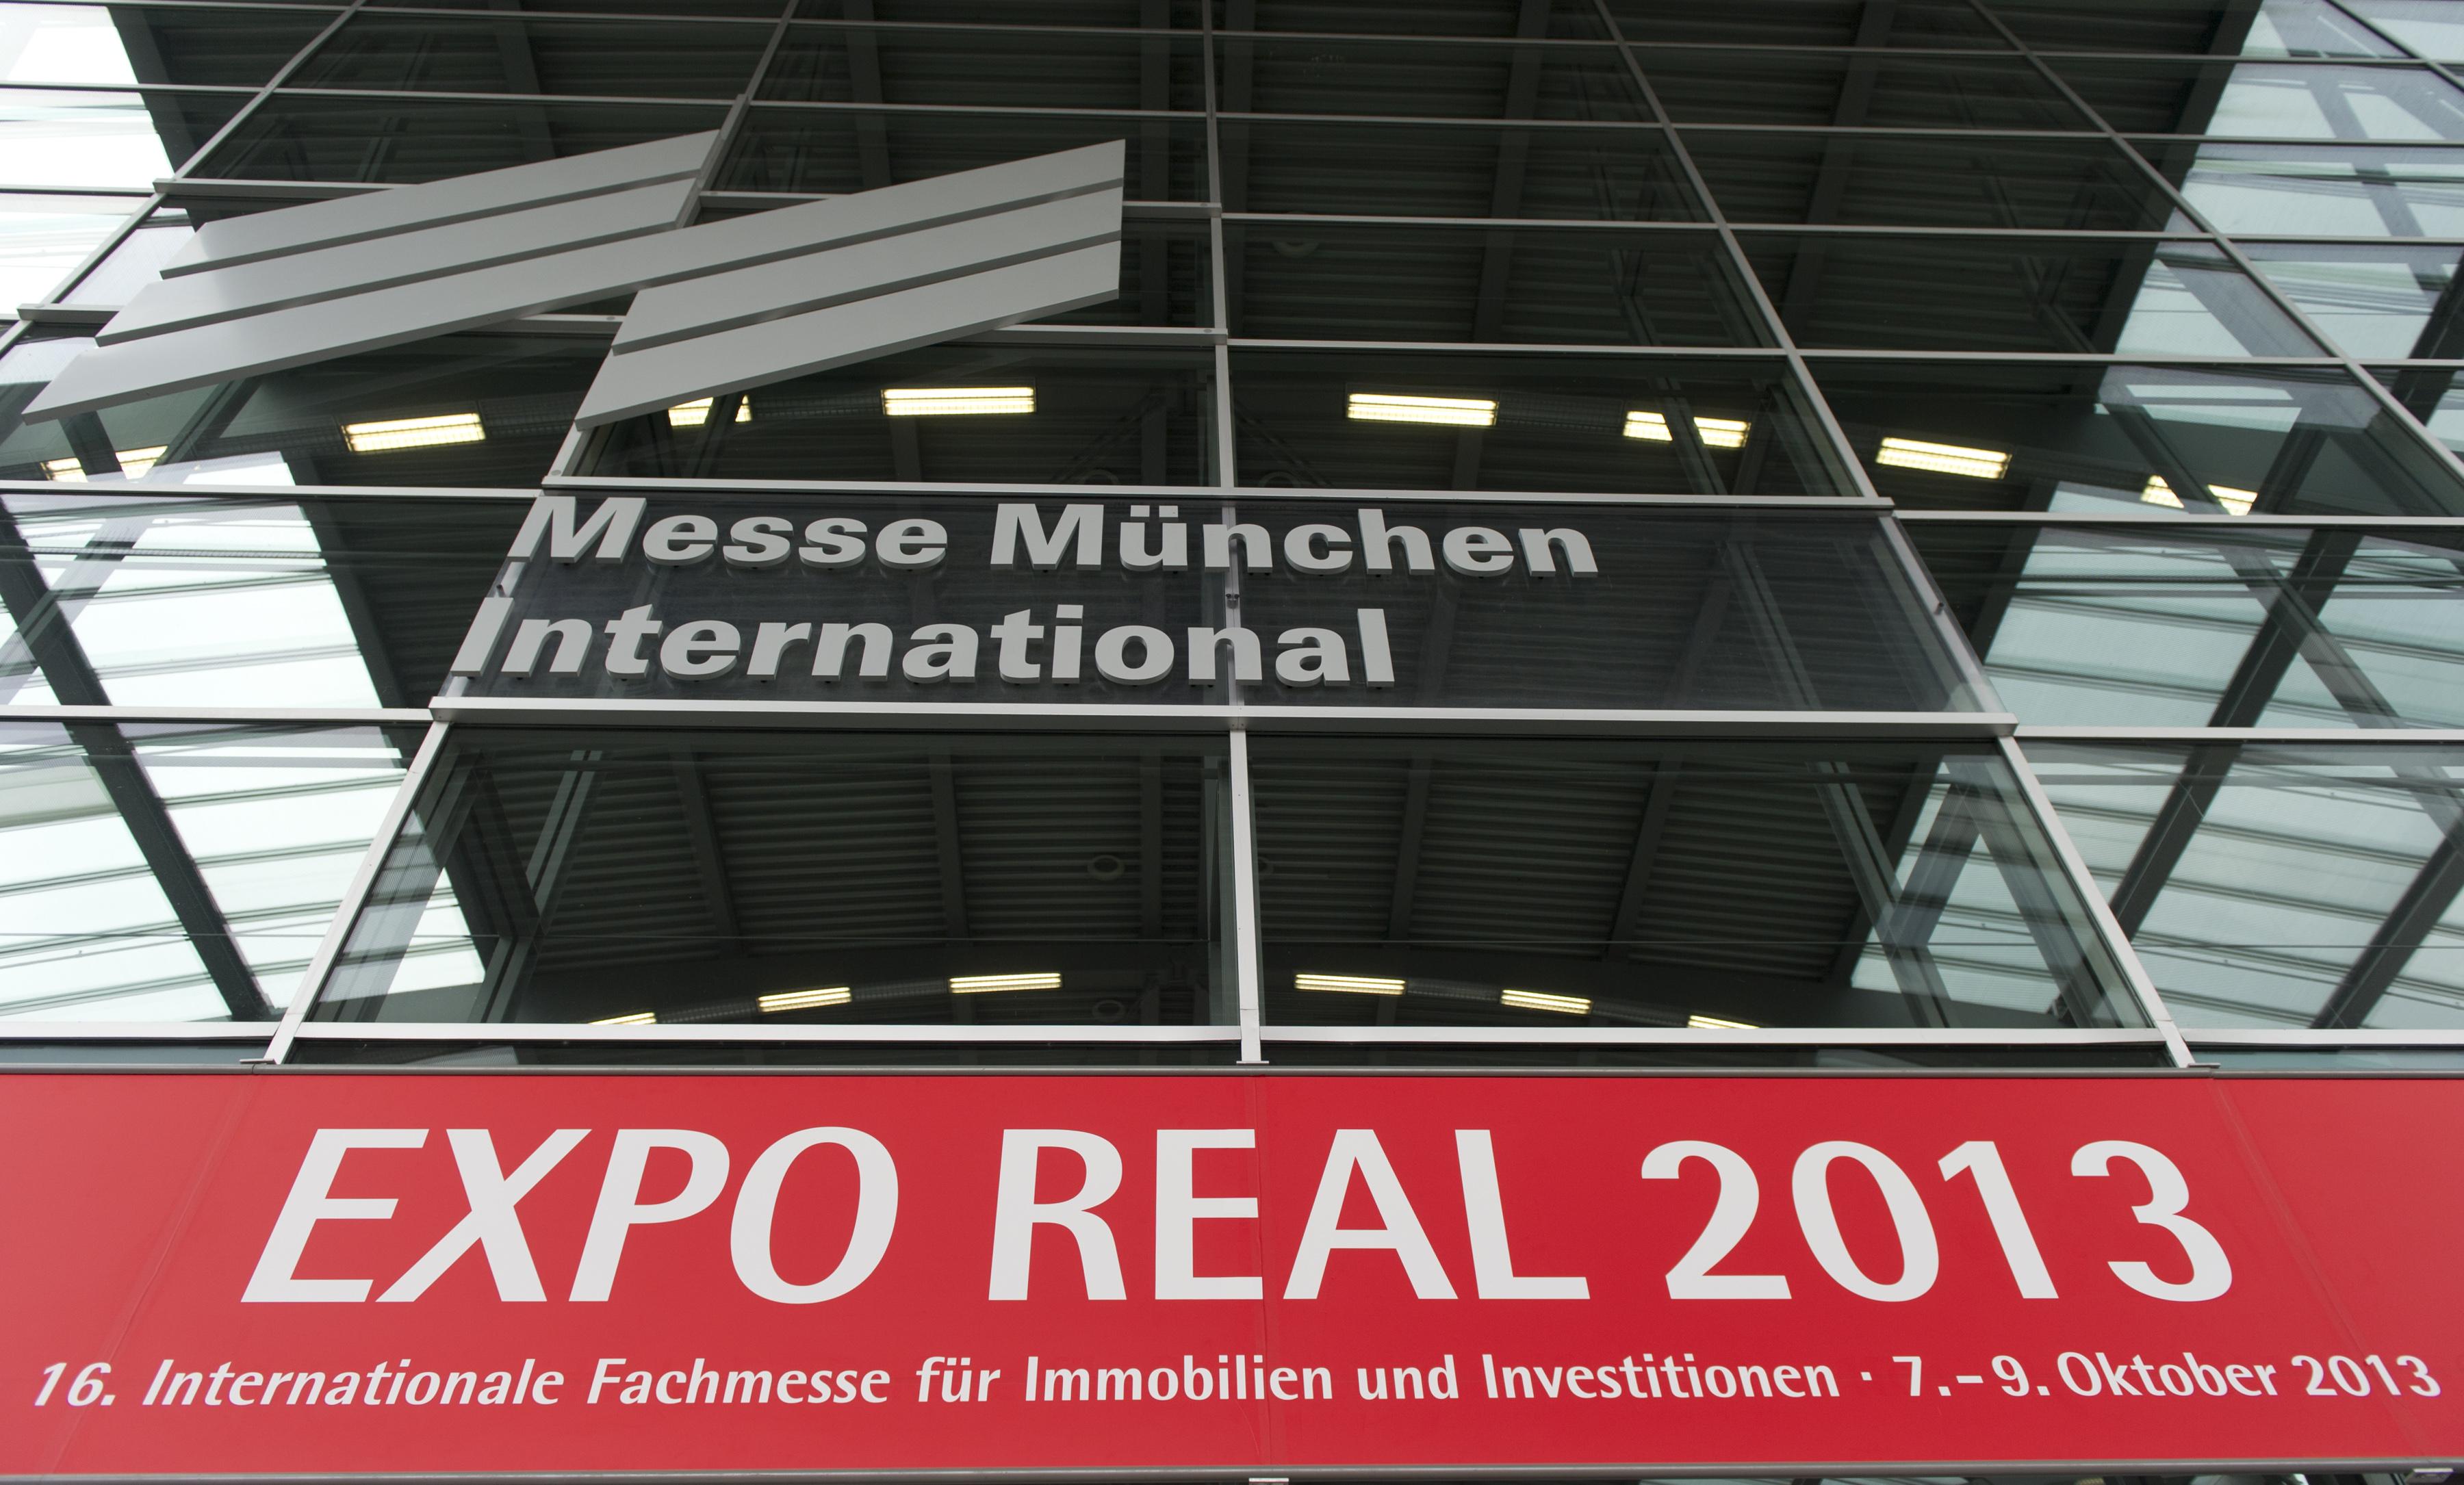 Messe München GmbH